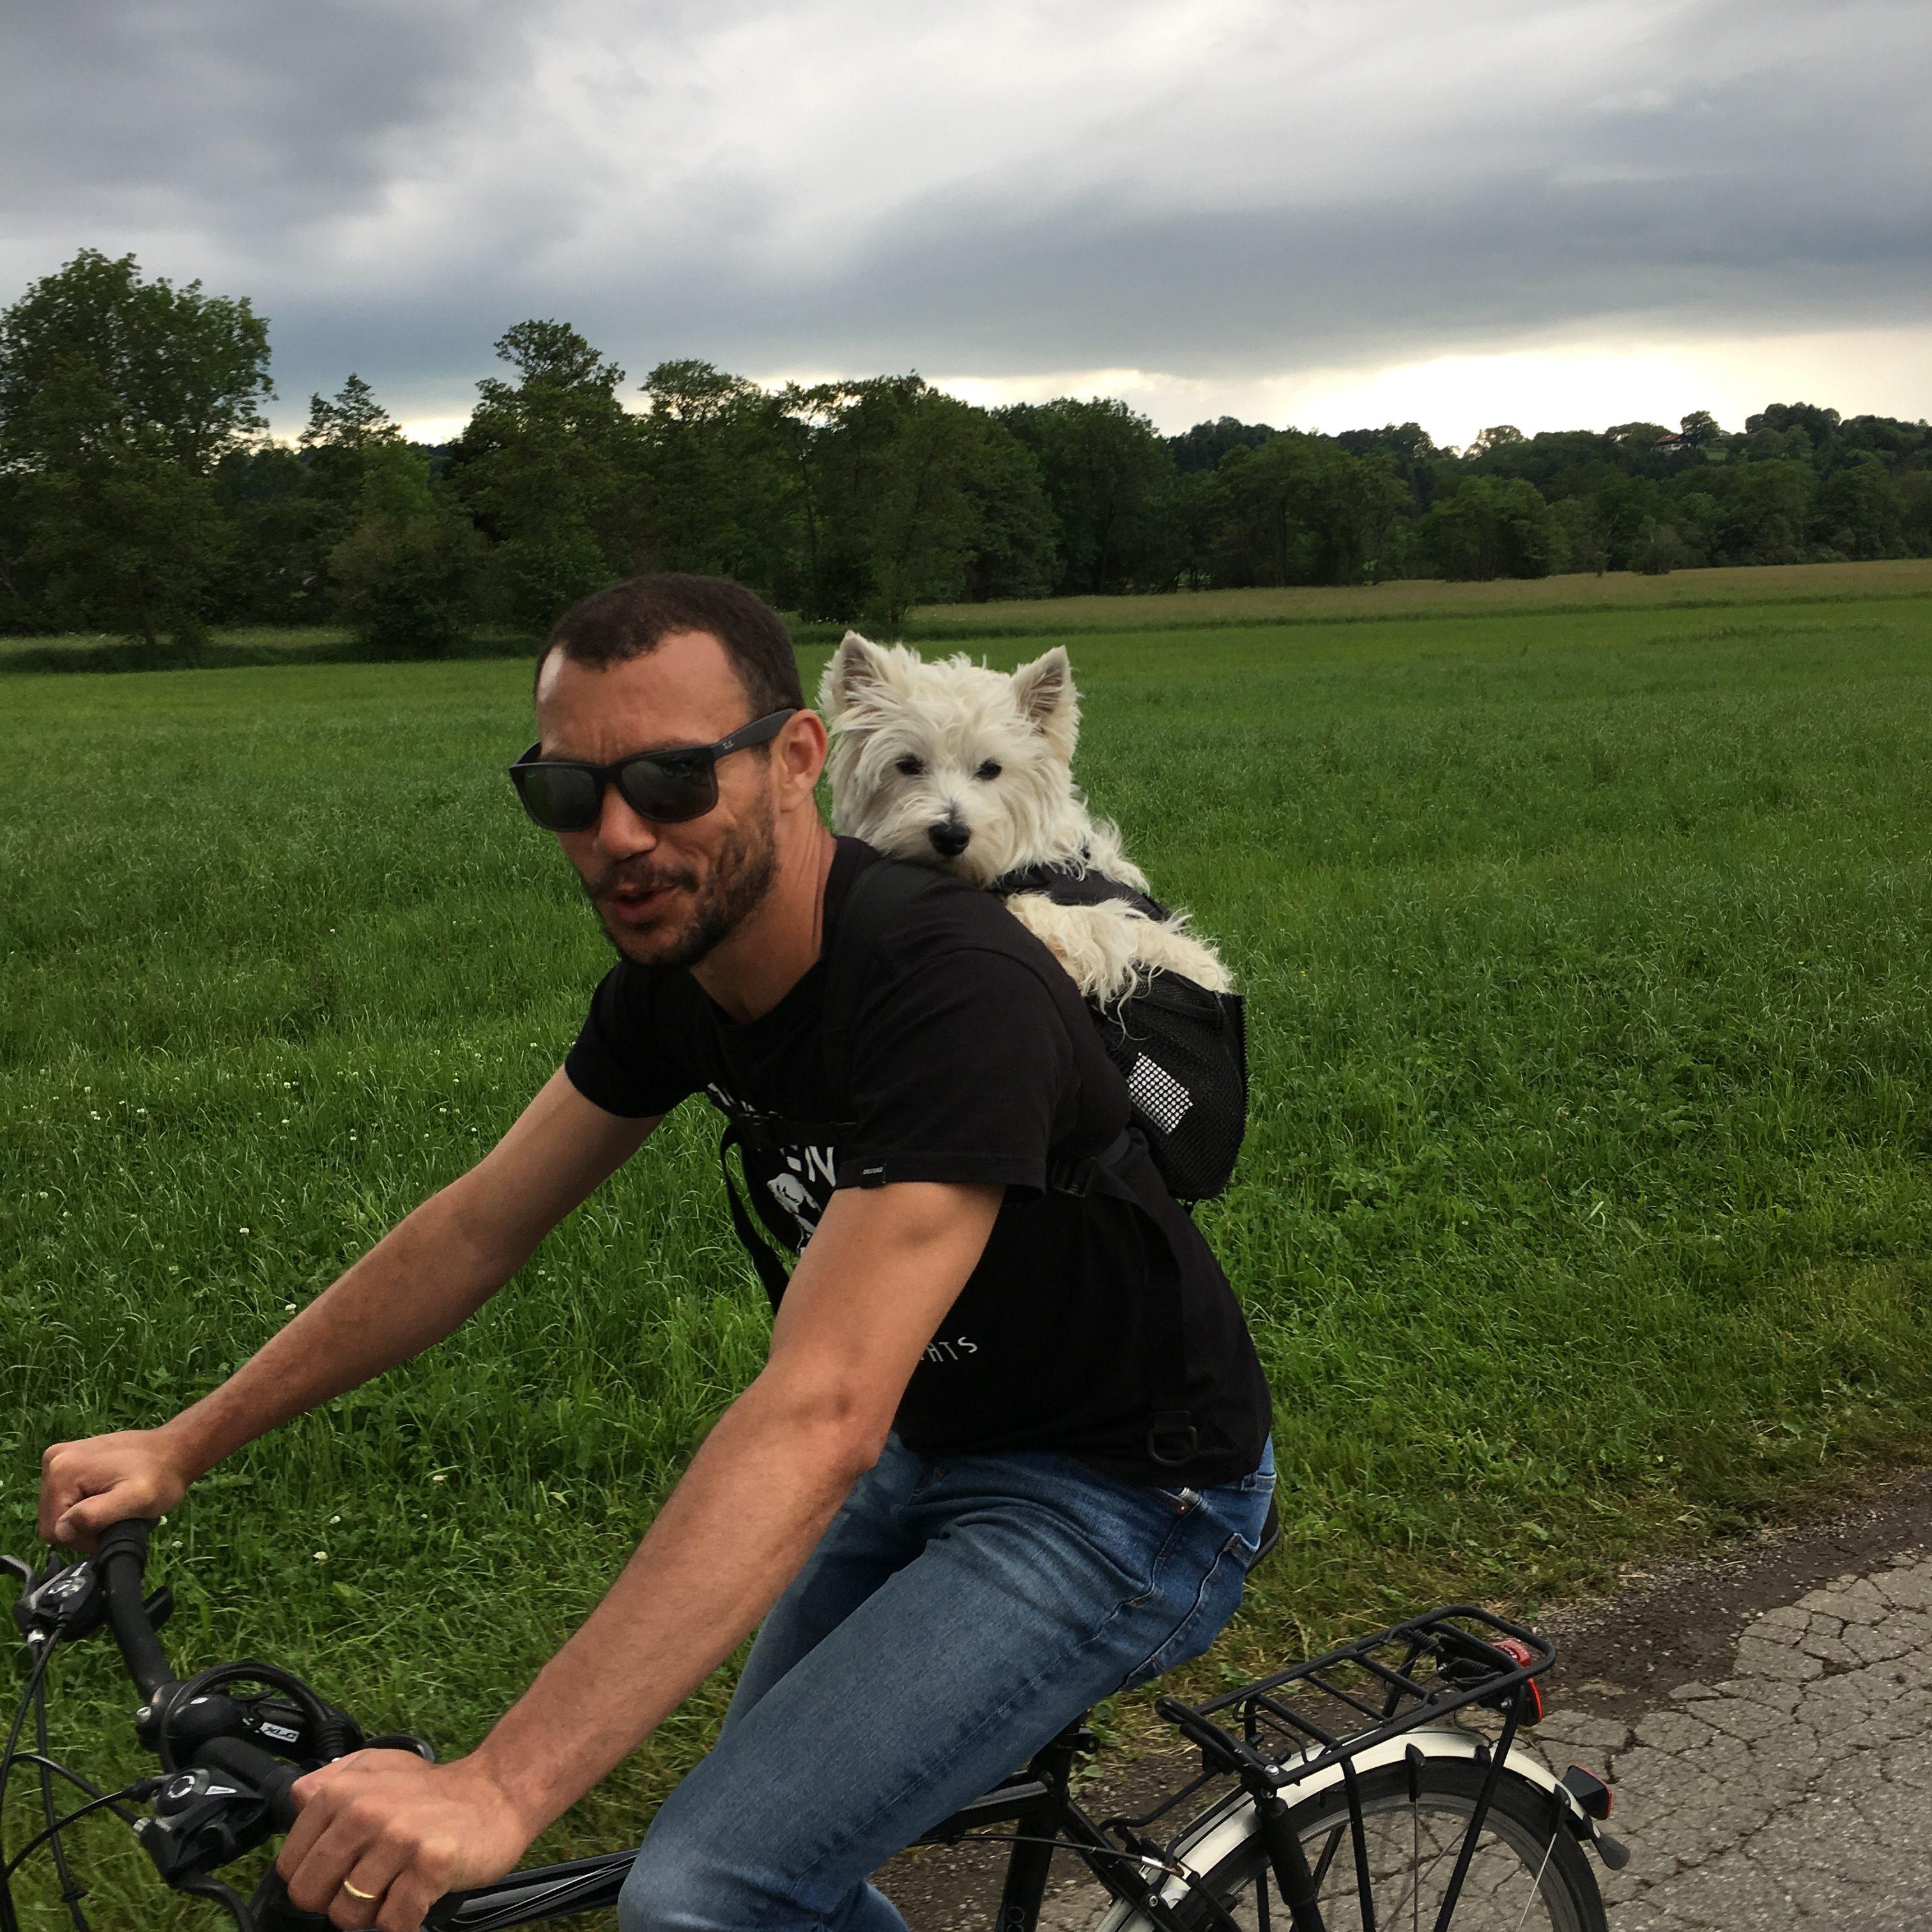 Mann mit Hund auf dem Fahrrad